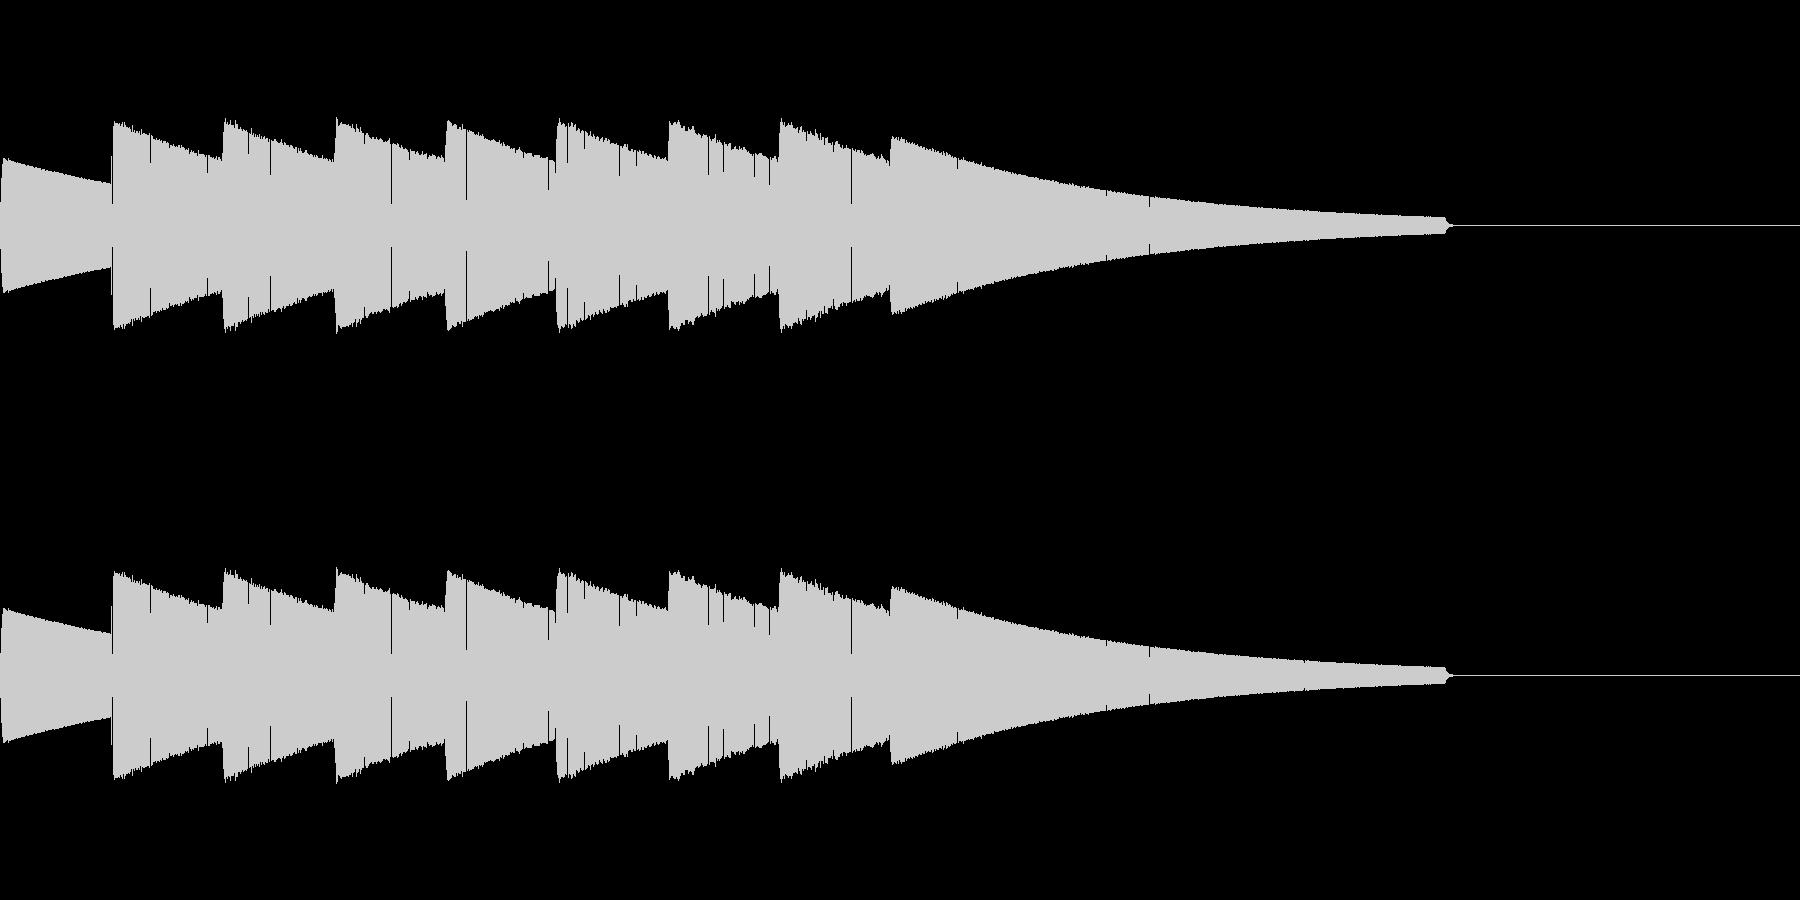 コンビニの入店音をイメージしたジングル…の未再生の波形